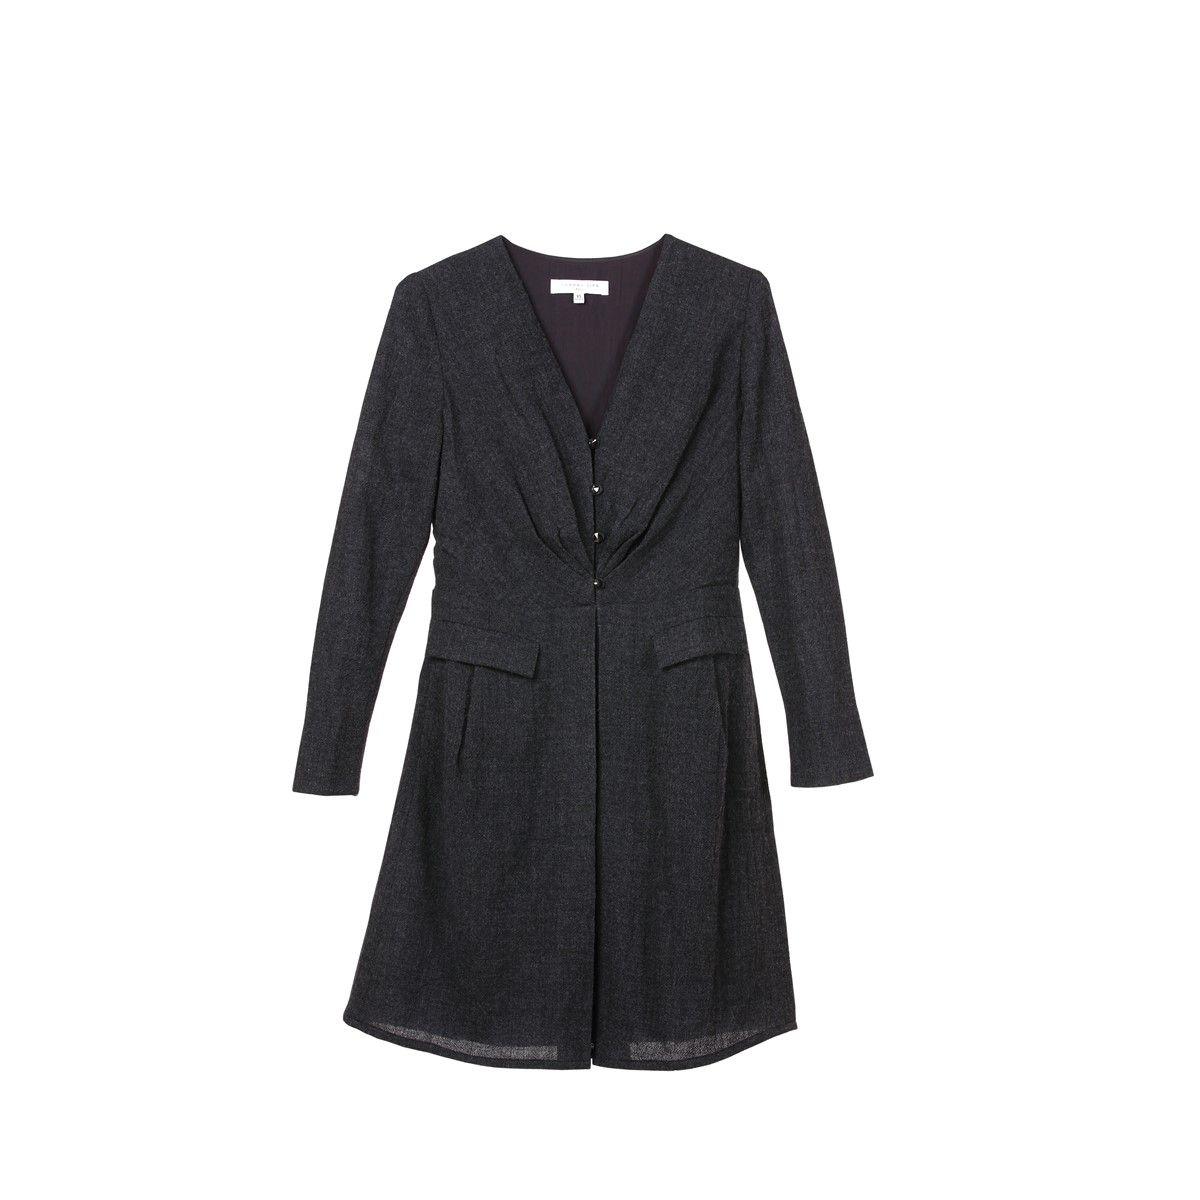 Robe habillée manche longue chic et moderne en Pure Laine